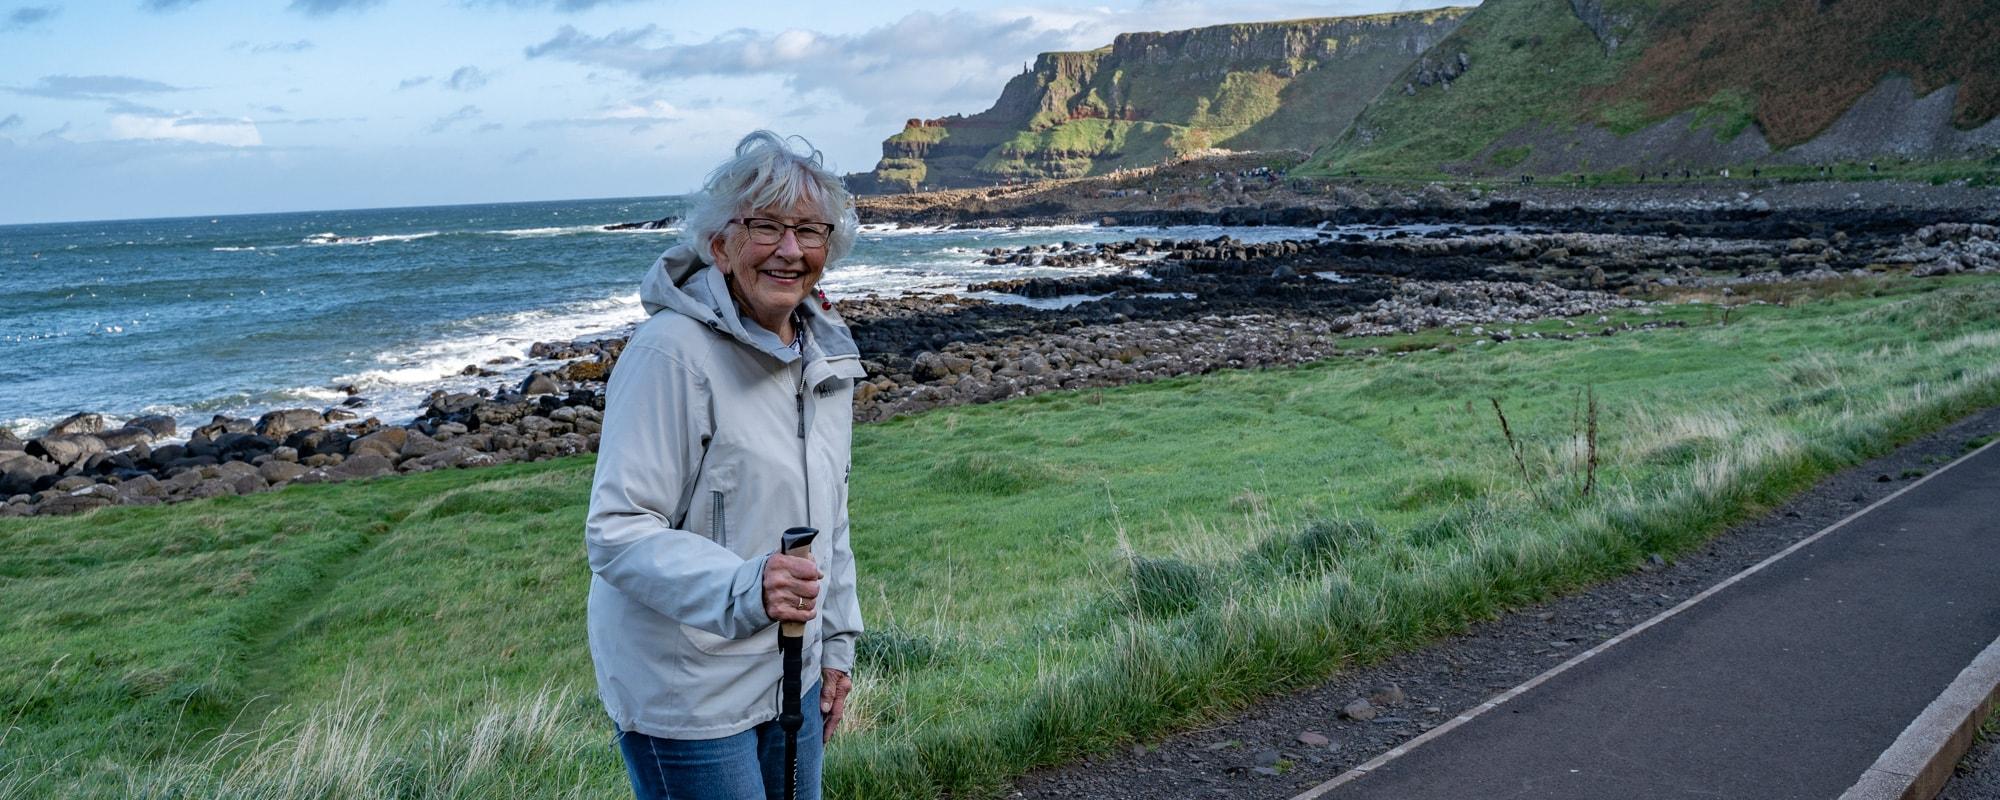 mother daughter trip ireland